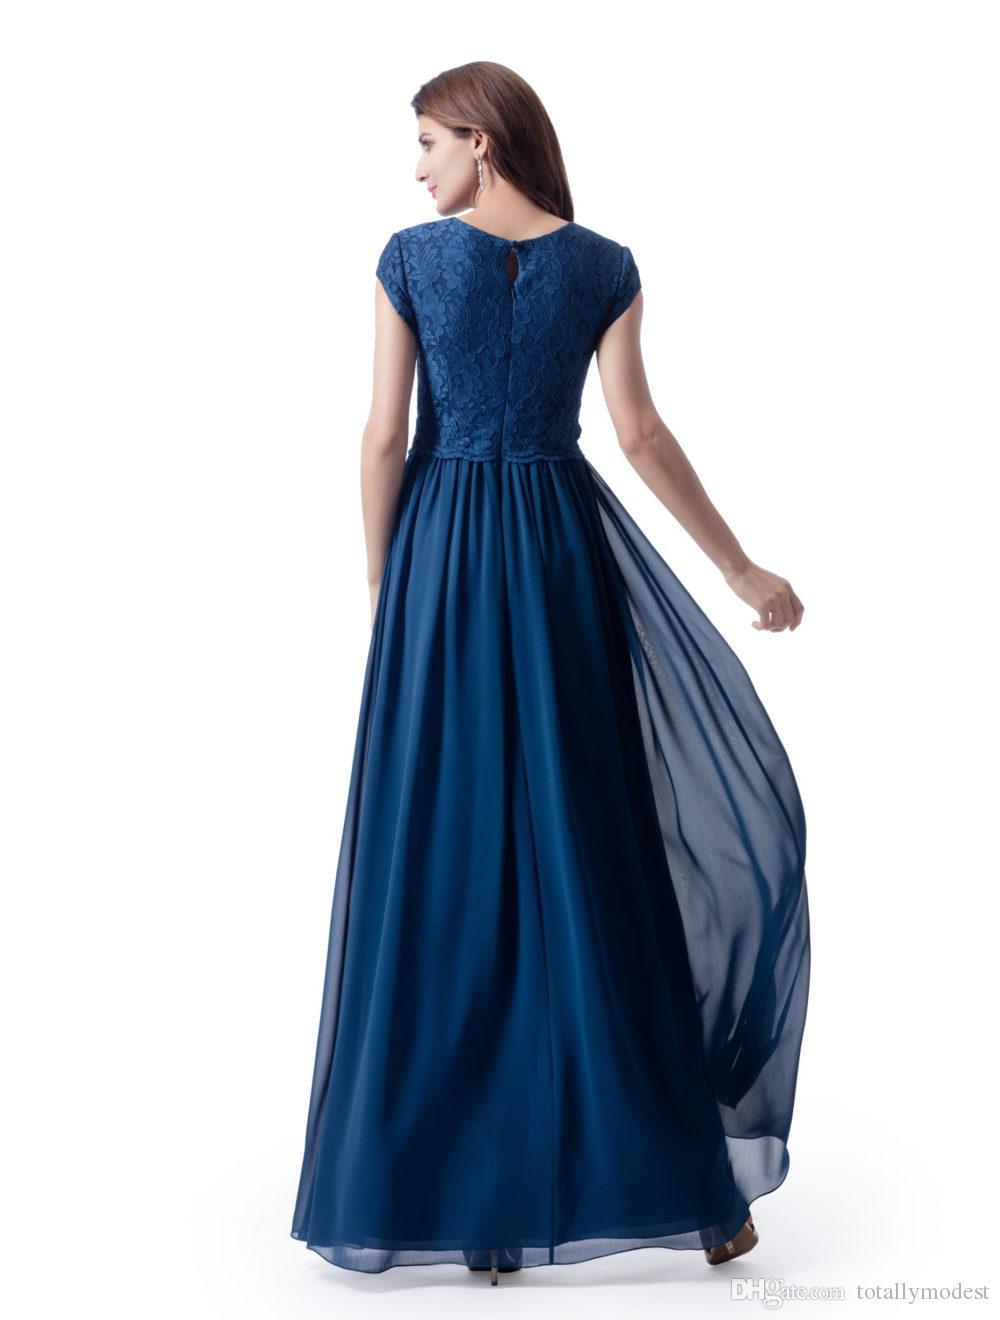 Vestidos largos sencillos de dama de honor modestos de país con mangas Encaje Top Falda de gasa Una línea Boho Vestido formal de novia Parte Vestido de dama de honor SUD